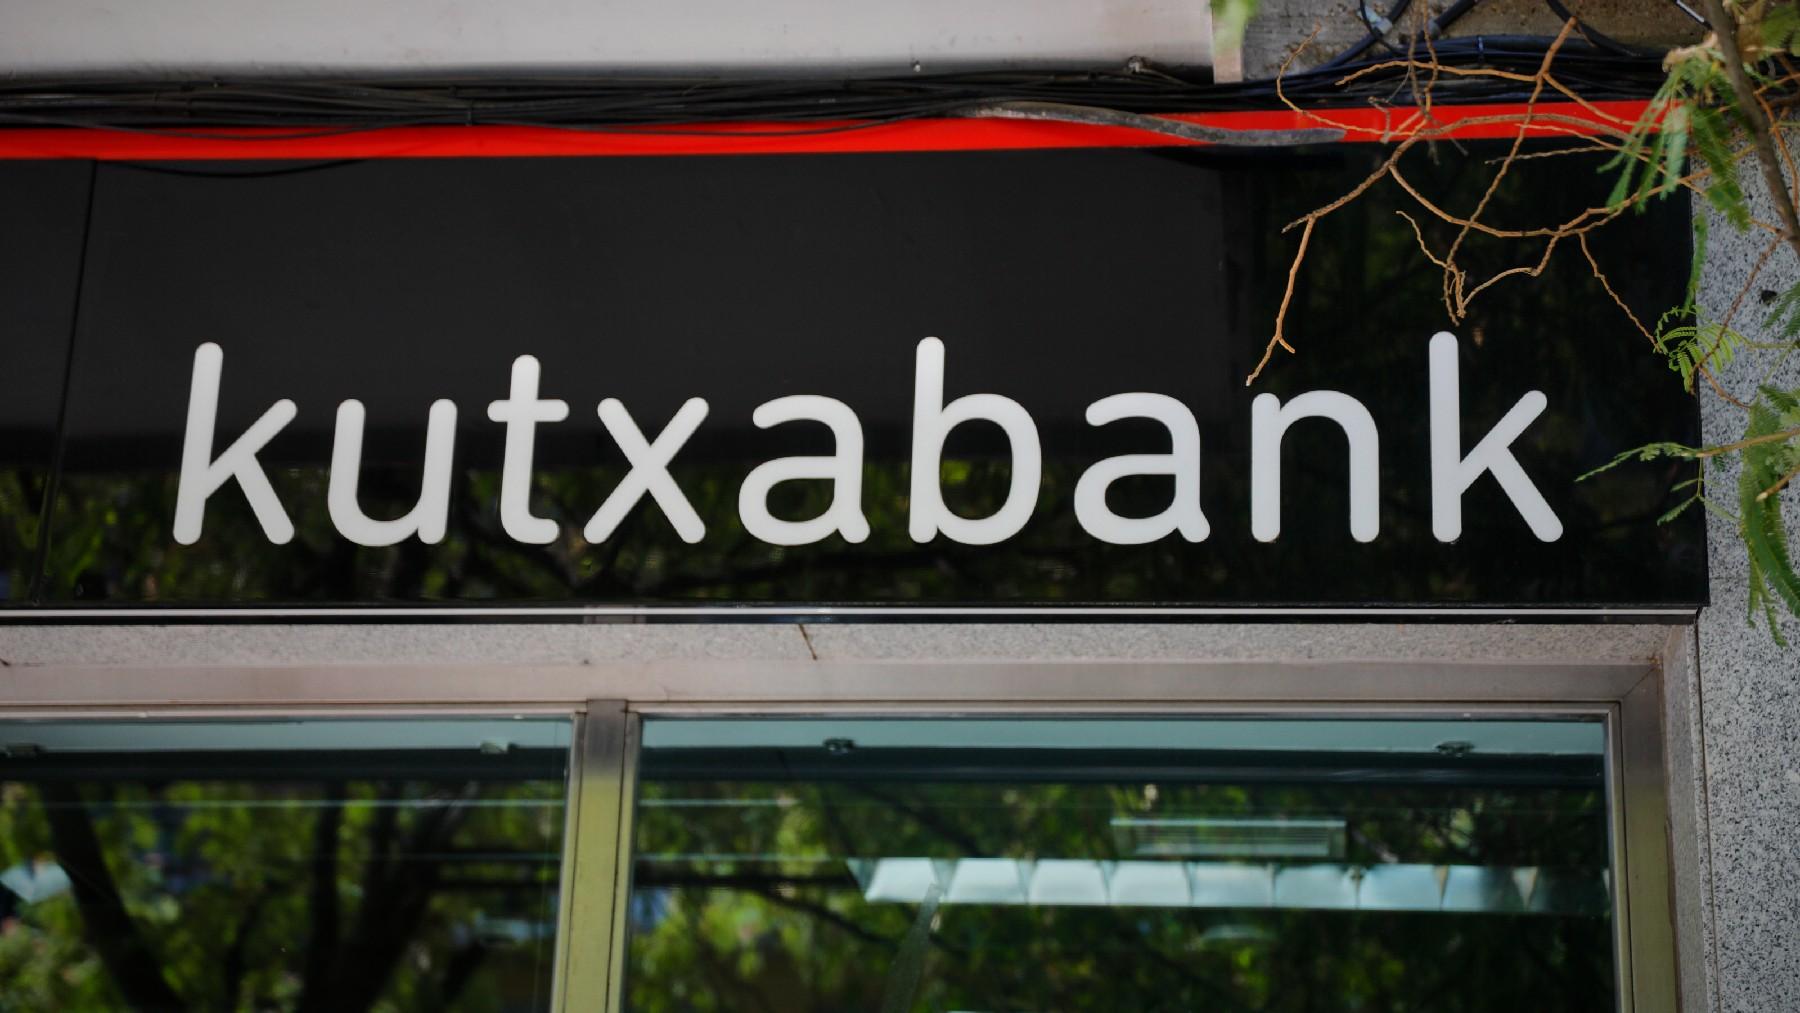 Kutxabank.